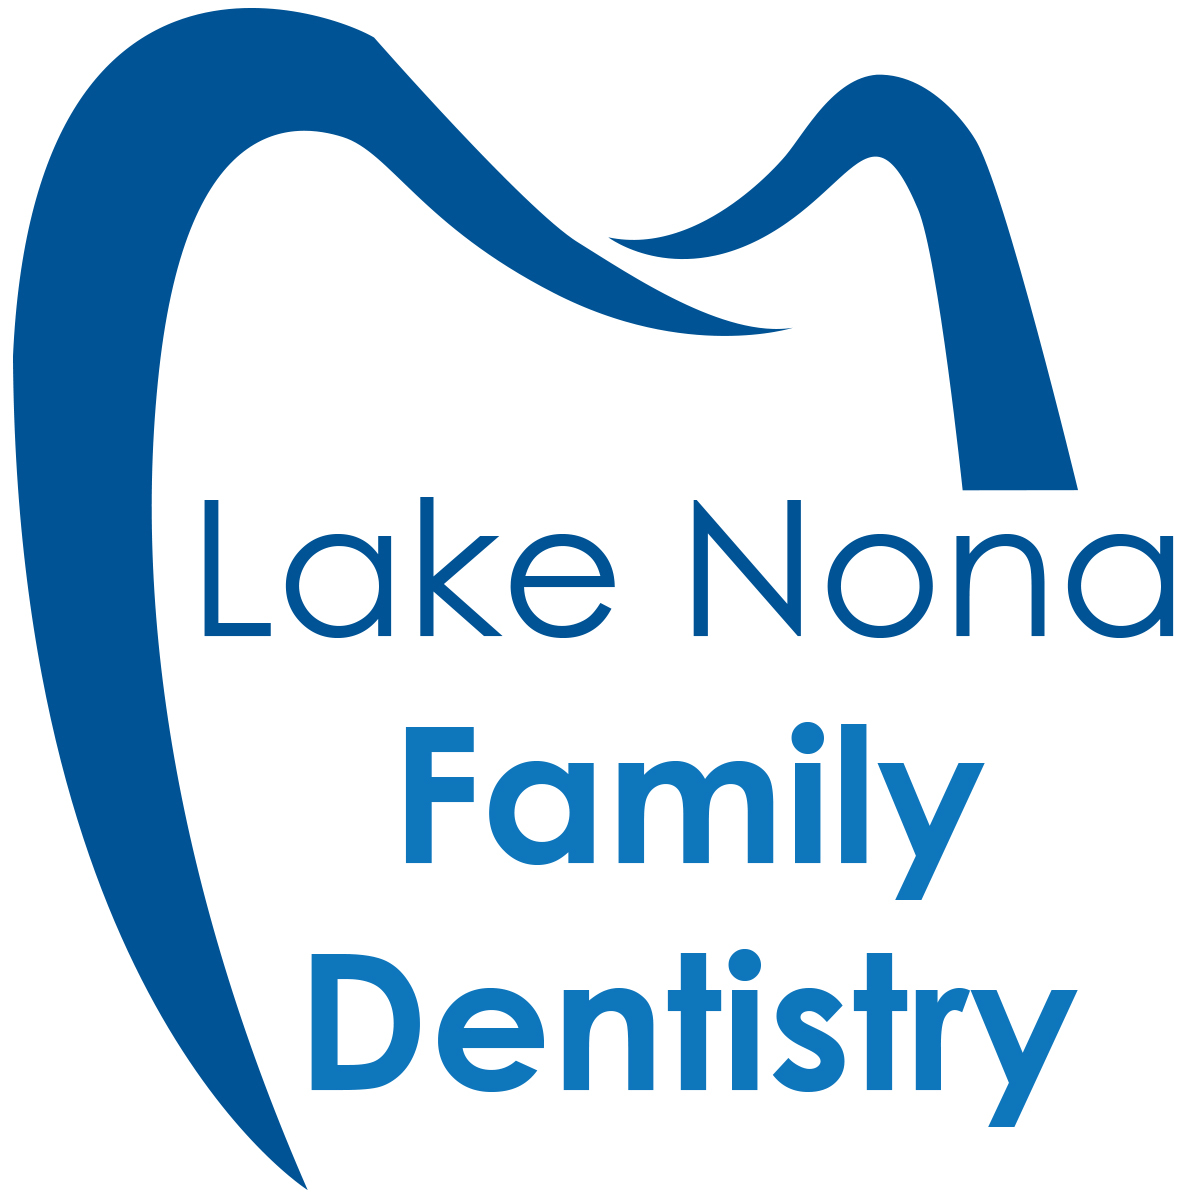 Lake Nona Family Dentistry